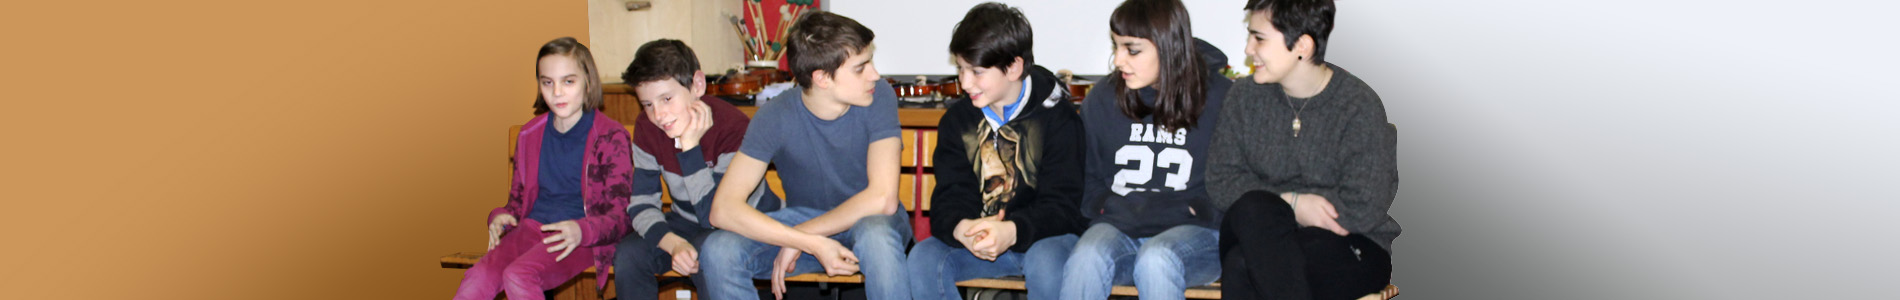 scuola di musica colourstrings milano